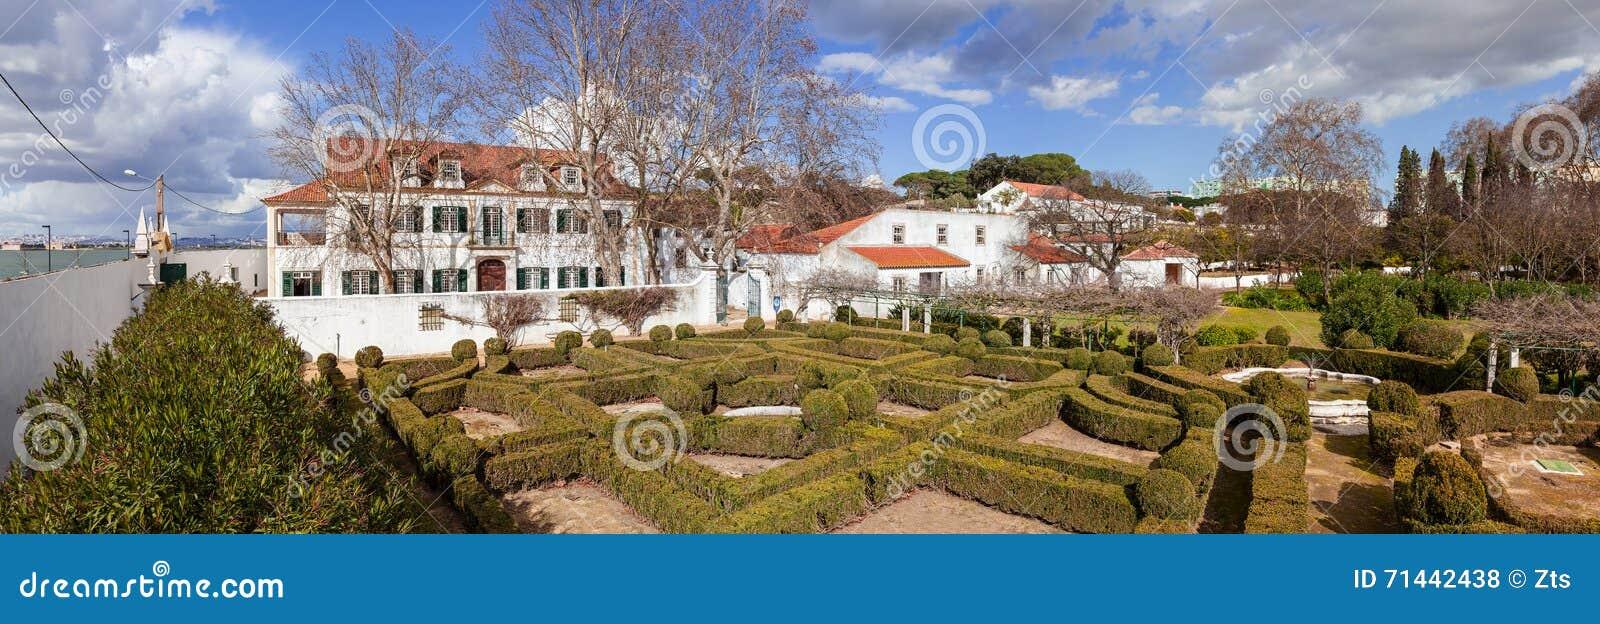 Quinta da fidalga palazzo e giardini di fidalga fotografia stock immagine 71442438 - I giardini di palazzo rucellai ...